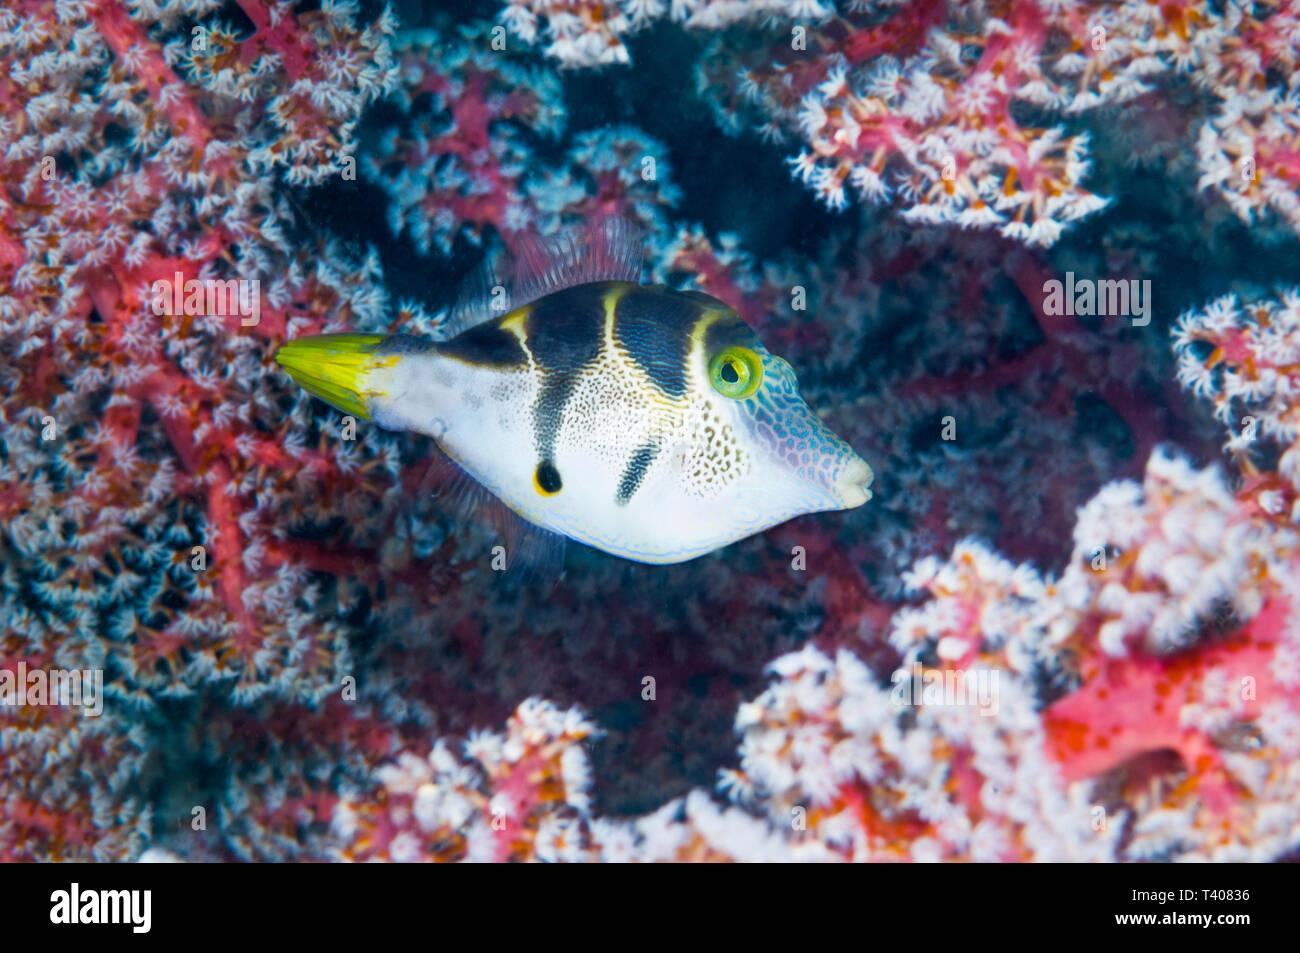 Mimic filefish [Paraluteres prionurus].  Komodo National Park, Indonesia. Stock Photo